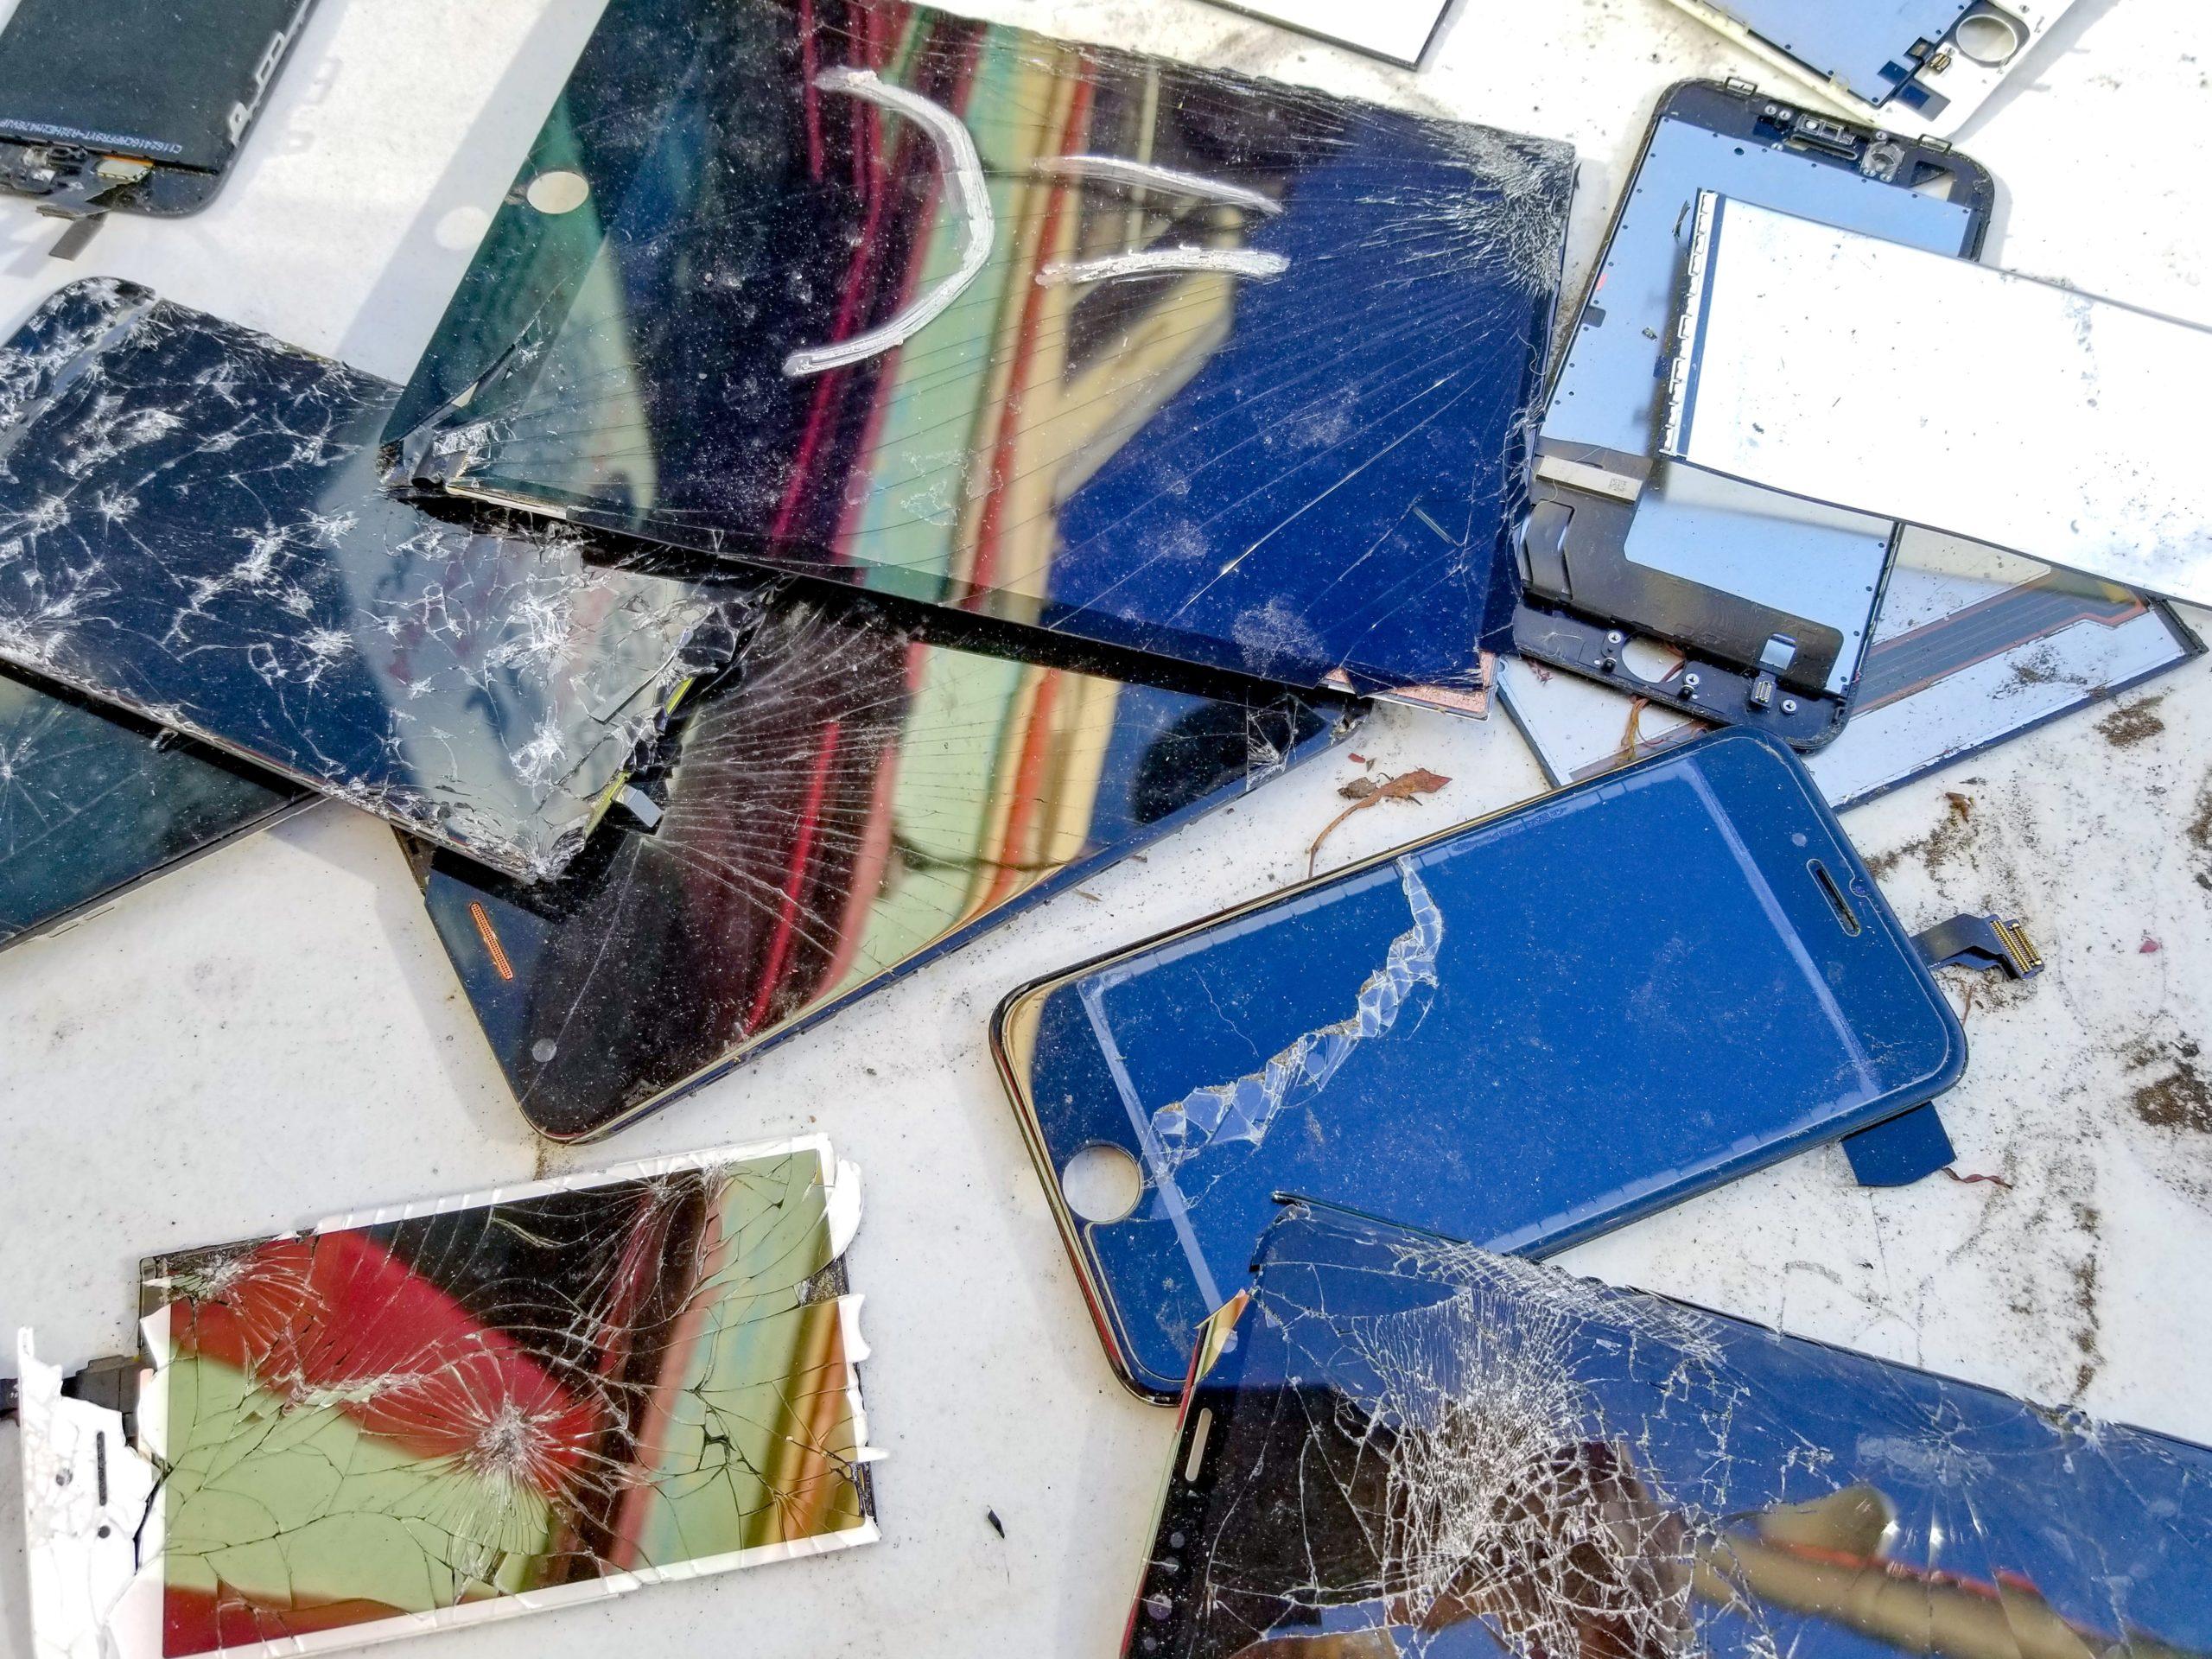 Ученые научились добывать золото из старых смартфонов с помощью бактерий